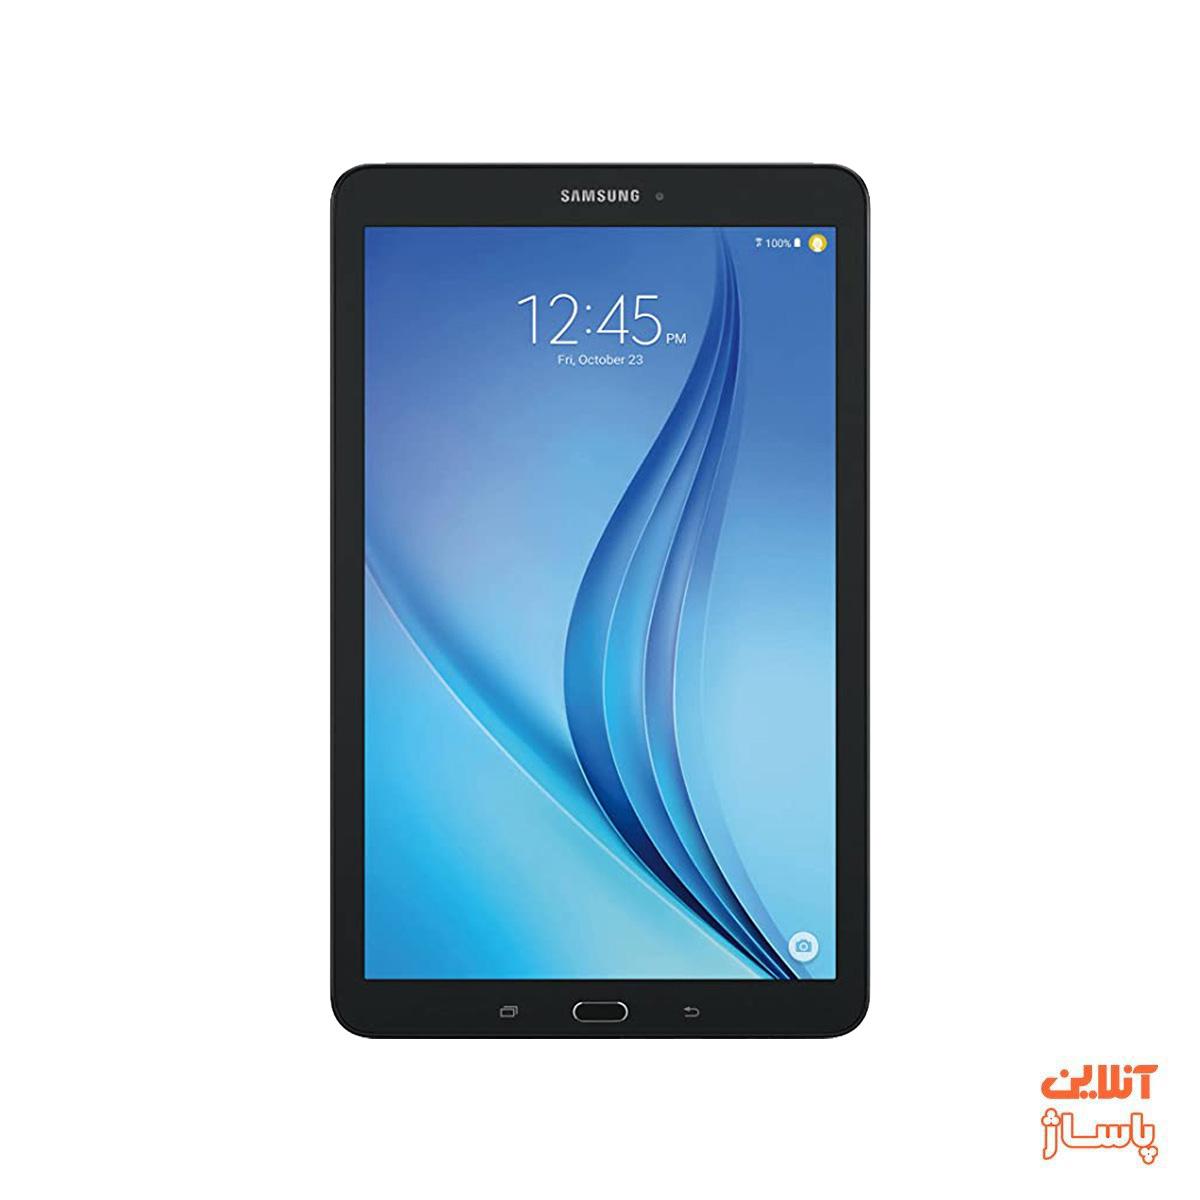 تبلت سامسونگ مدل Galaxy Tab E 8.0 SM-T377A ظرفیت 16 گیگابایت